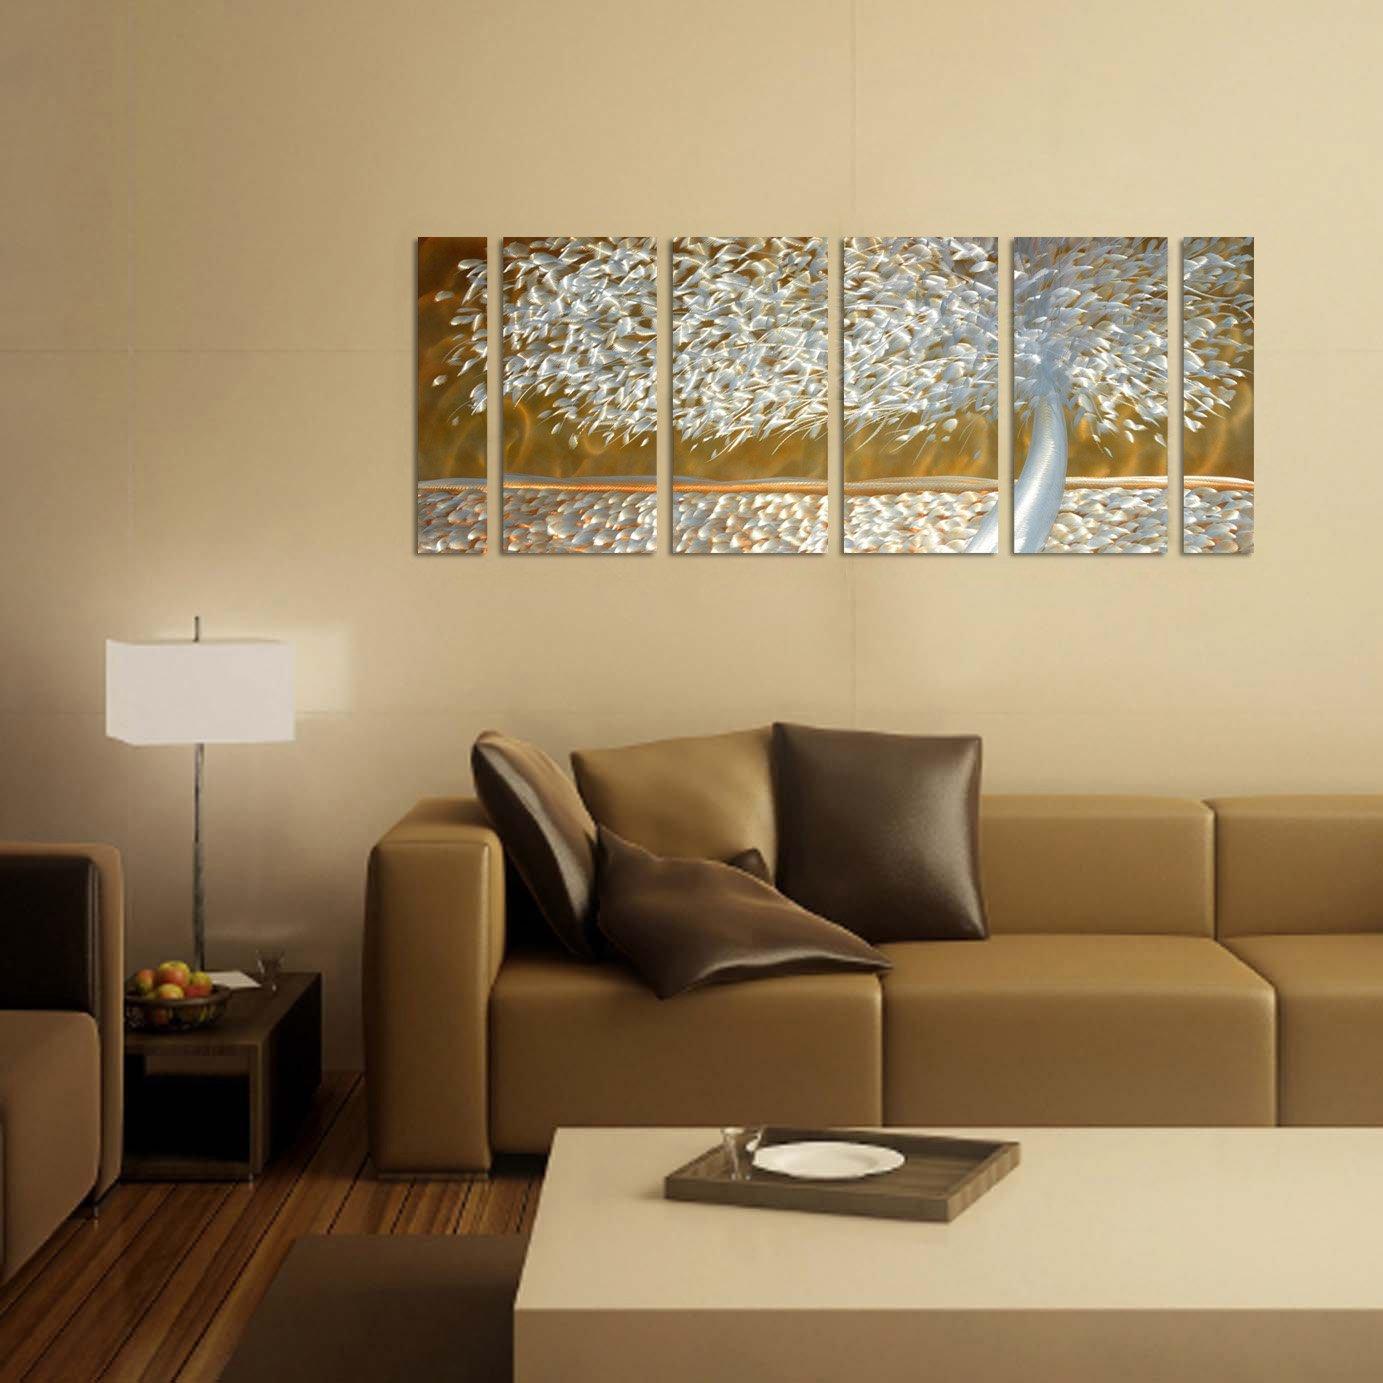 Cool Jon Allen Wall Art Pictures Inspiration - The Wall Art ...